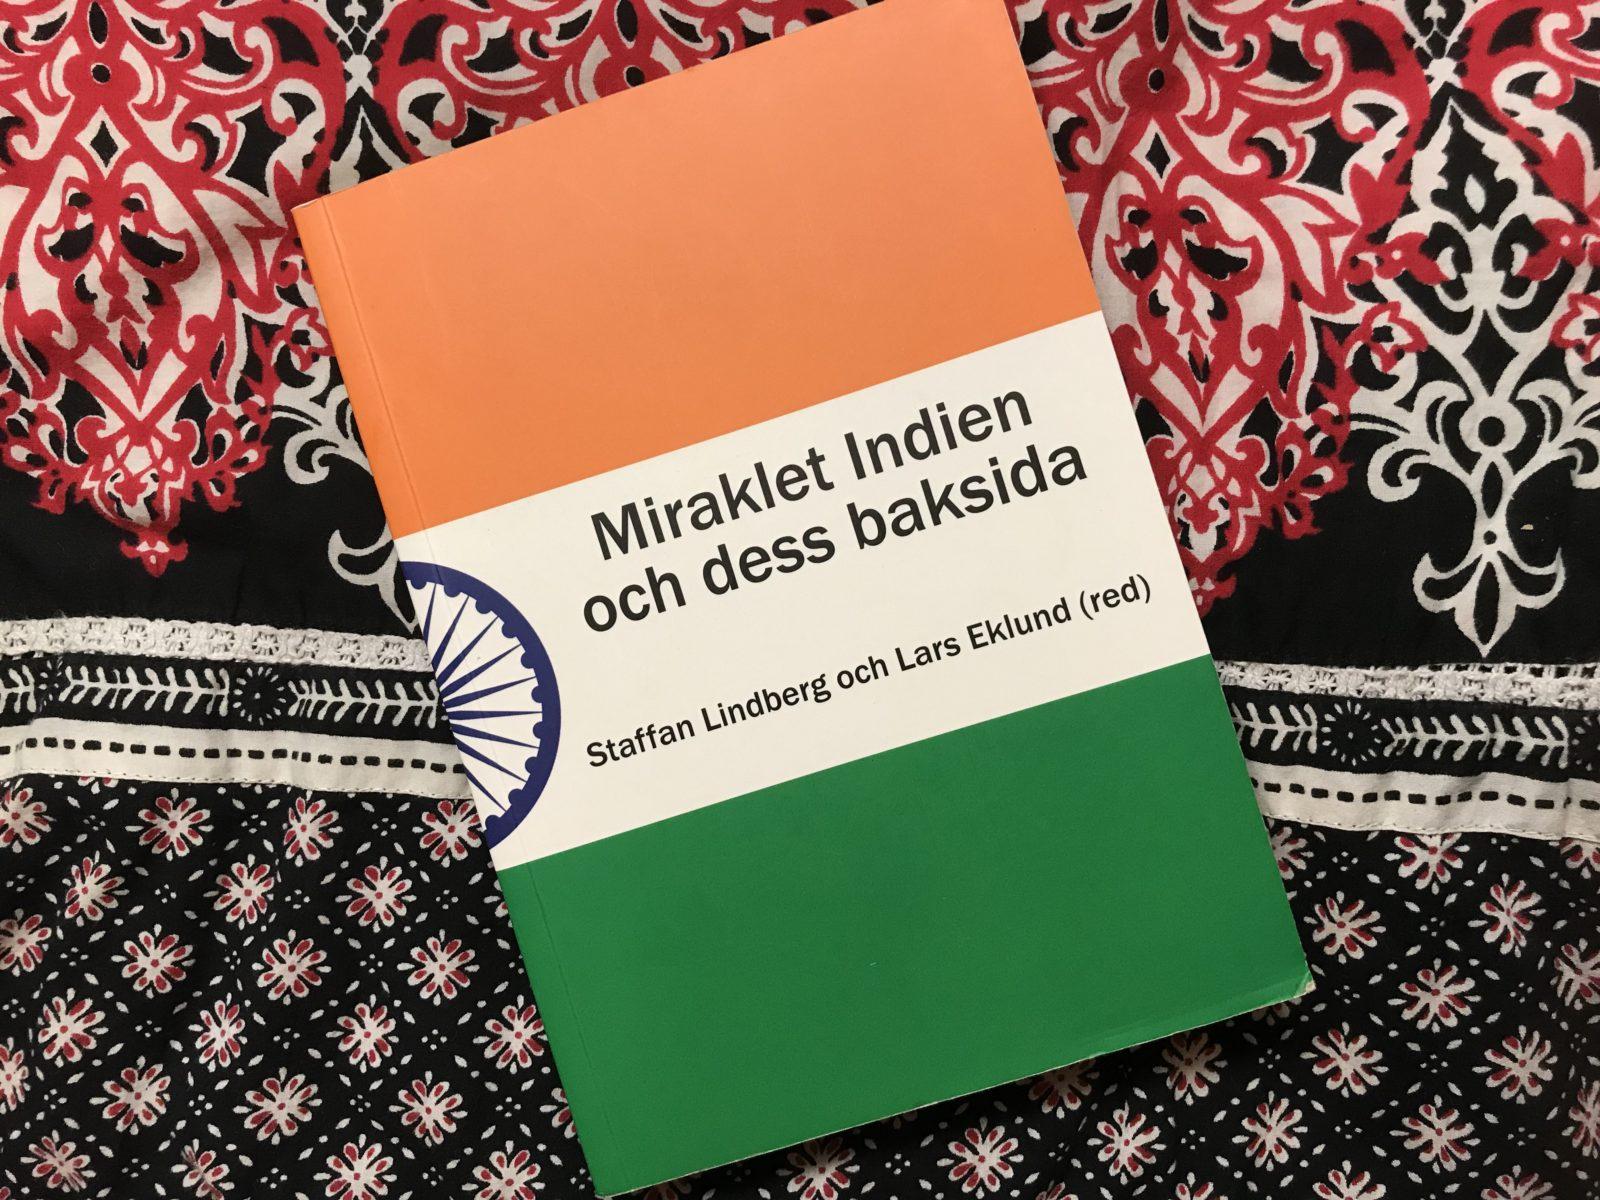 Miraklet Indien och dess baksida